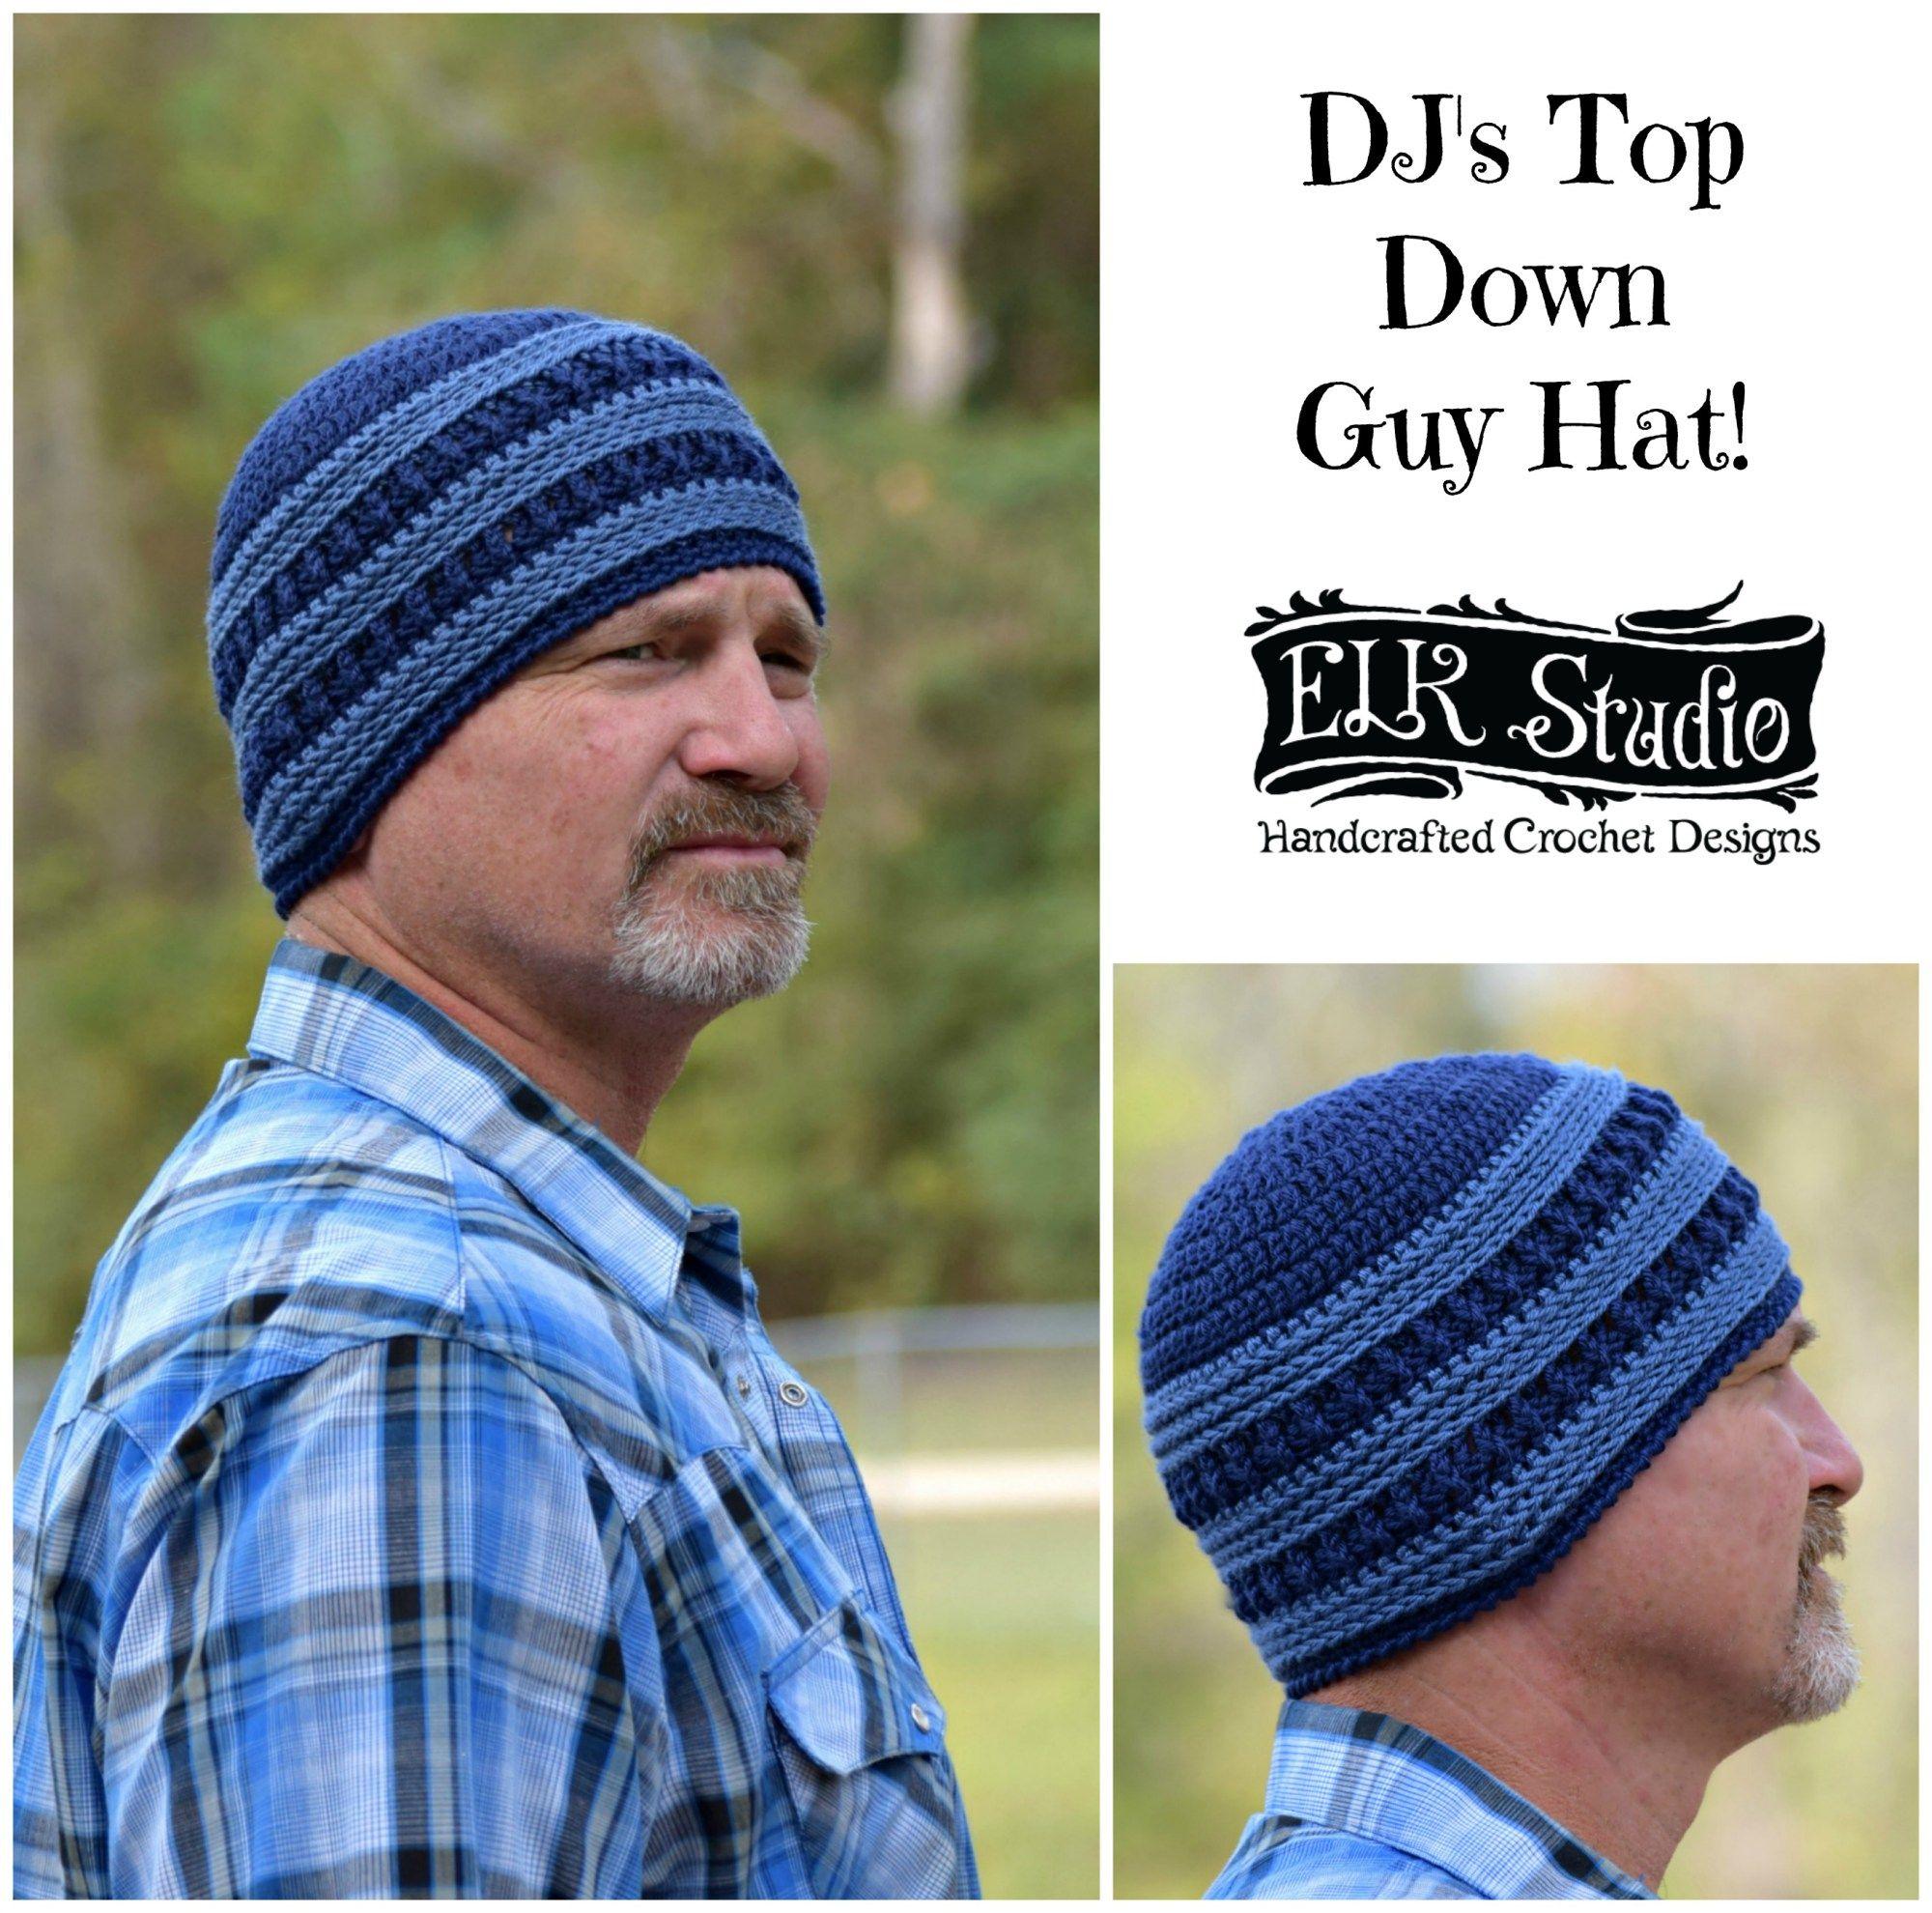 08481ad32fb DJ s Top Down Guy Hat - A free Crochet pattern by ELK Studio!